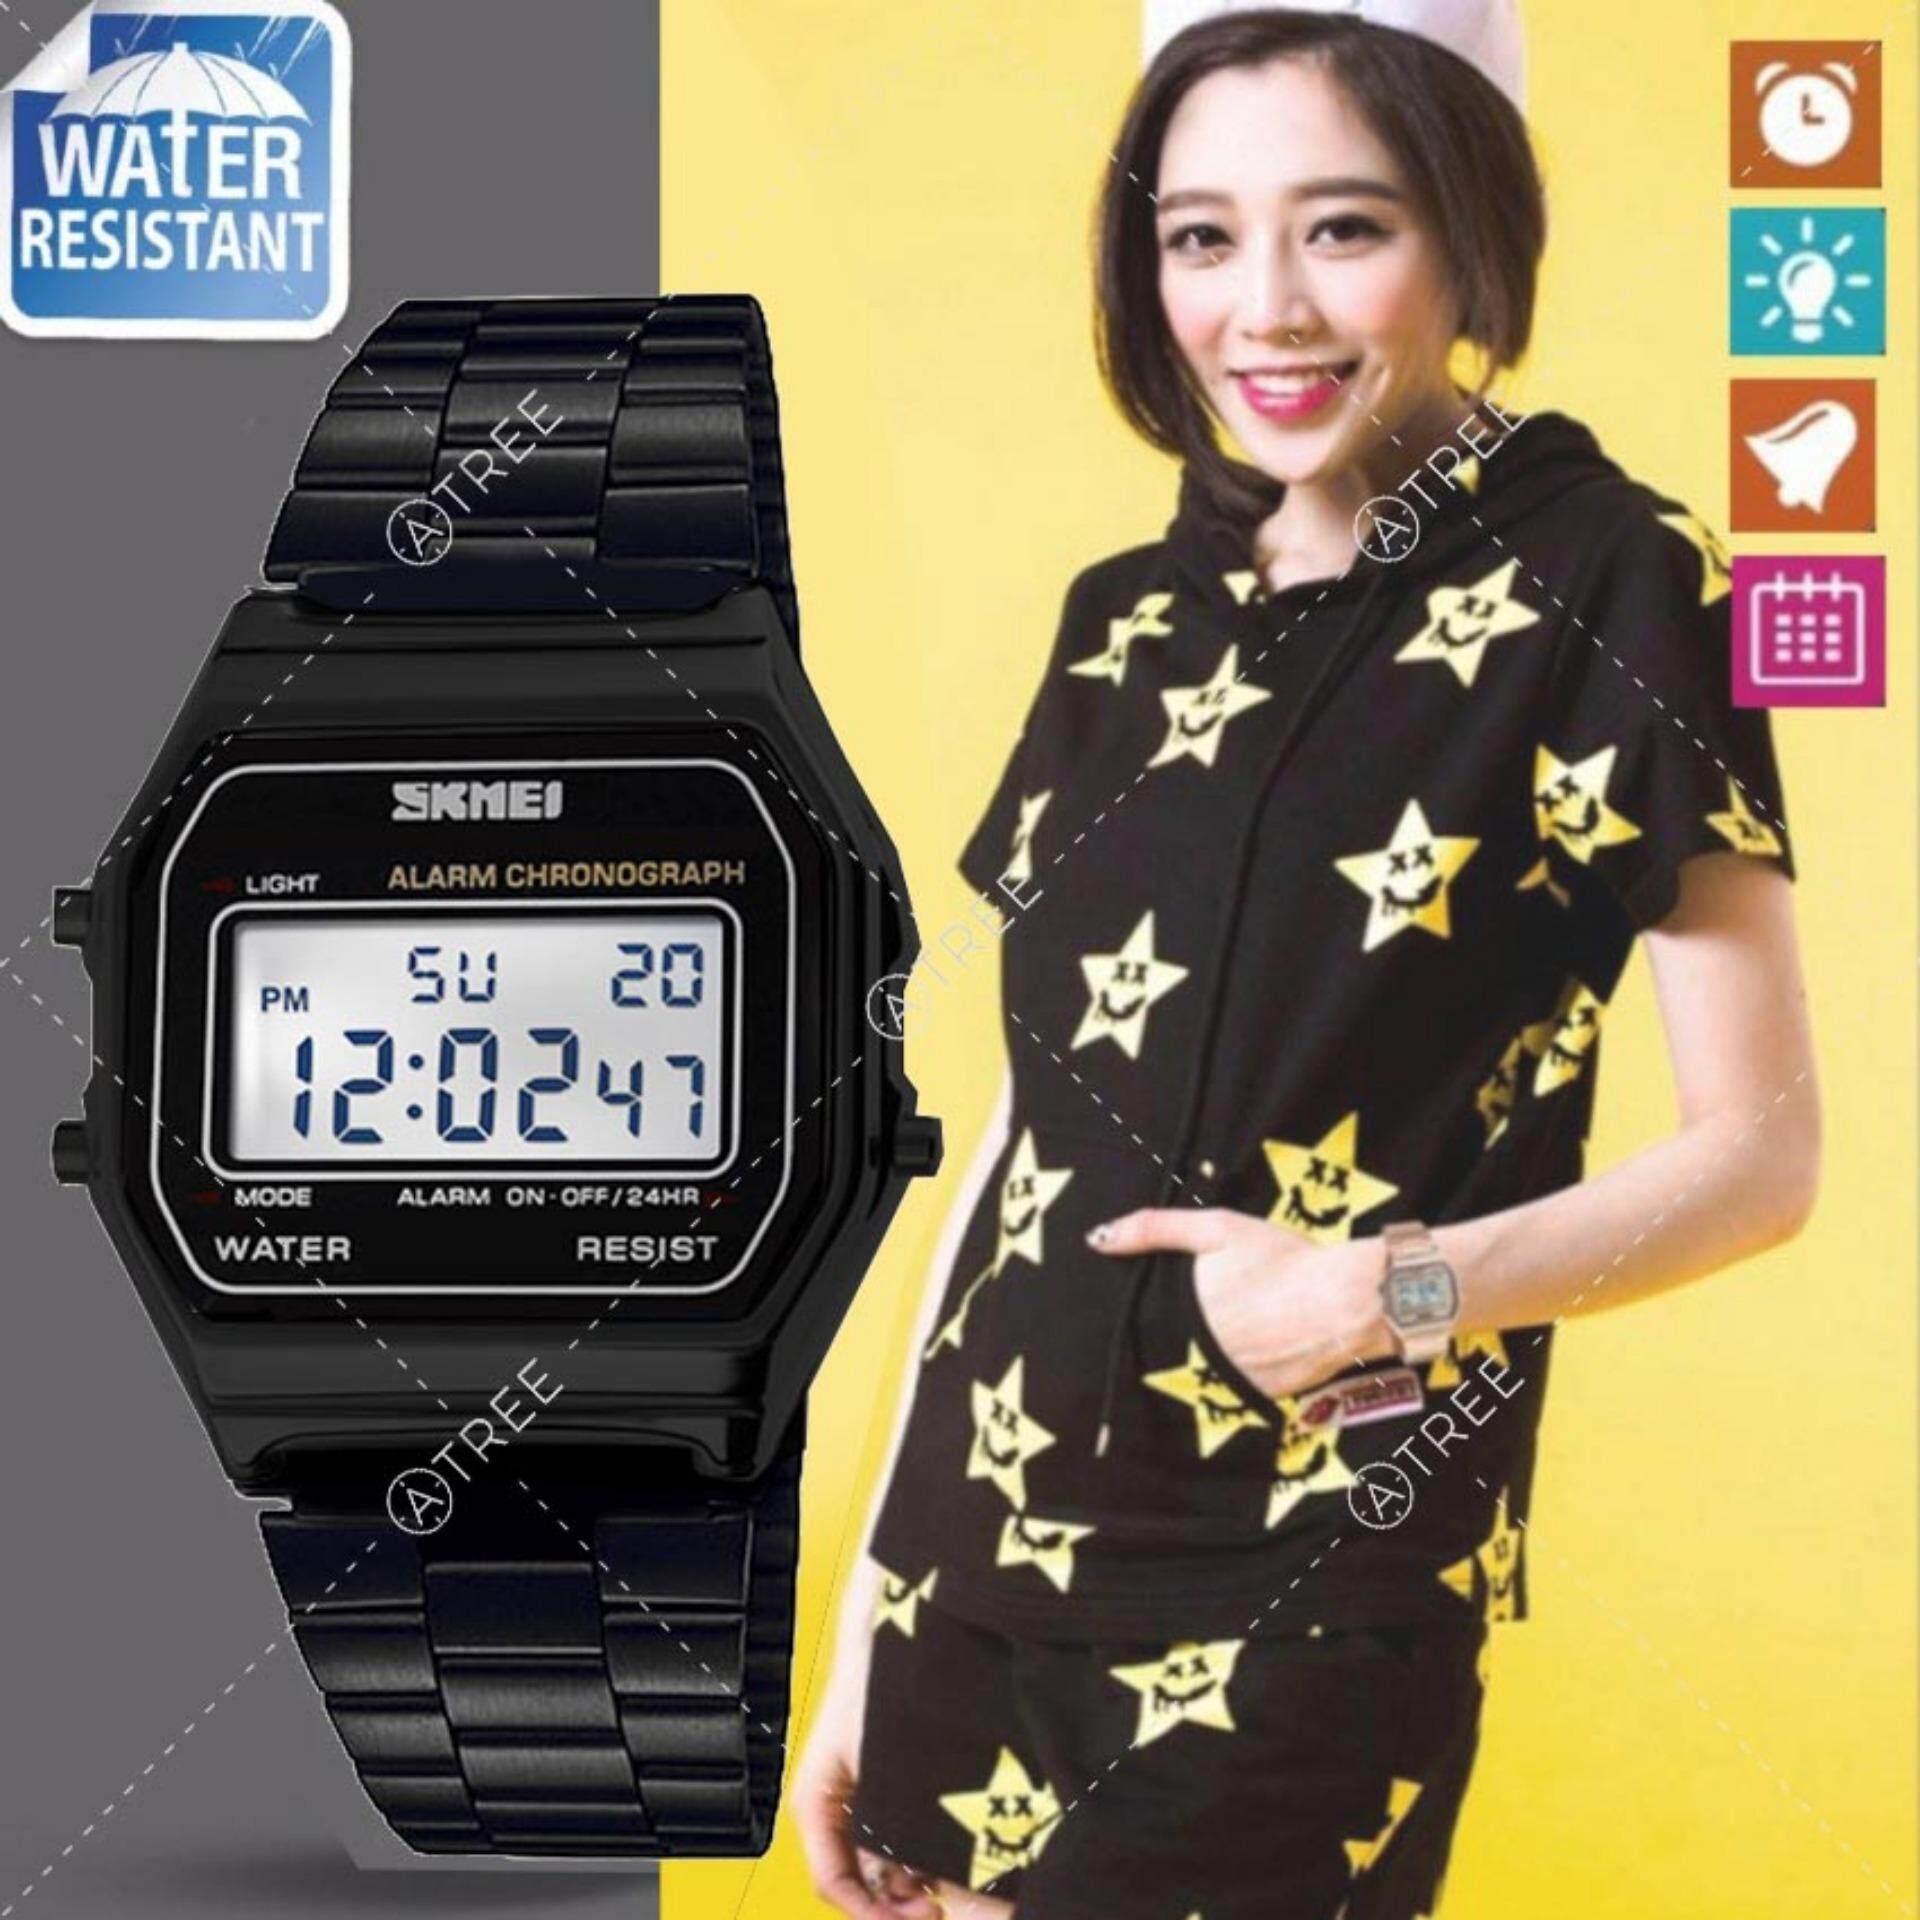 โปรโมชั่น Skmei ของแท้ 100 ส่งในไทยไวแน่นอน นาฬิกาข้อมือผู้หญิง สไตล์ Casual Bussiness Watch จับเวลา ตั้งปลุกได้ ไฟ Led ส่องสว่าง สายแสตนเลสสีดำ รุ่น Sk M1123 สีดำ Black ใน กรุงเทพมหานคร